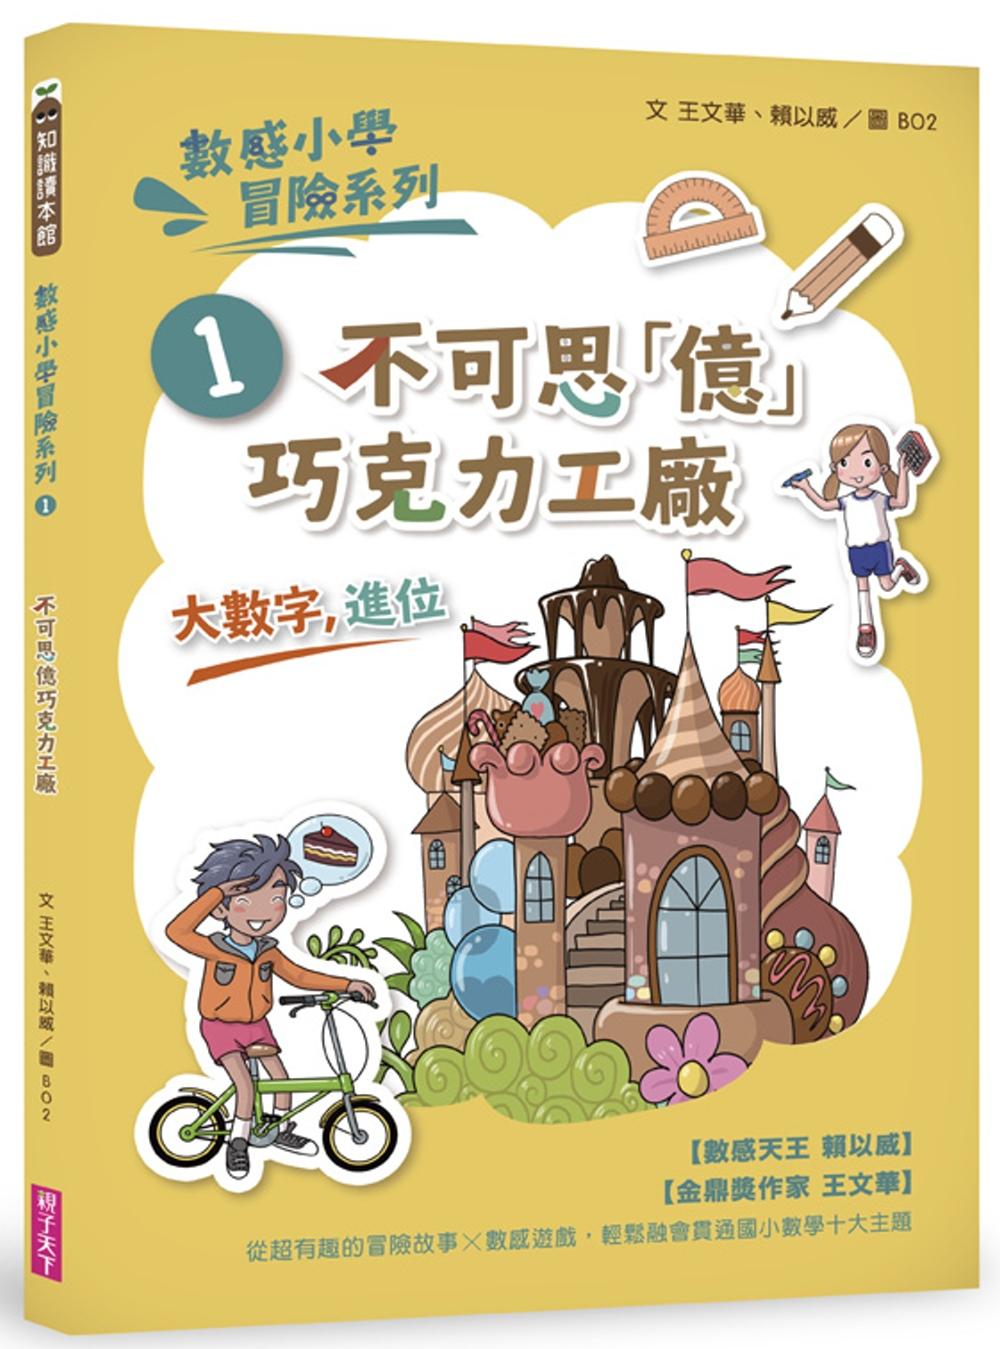 數感小學冒險系列1:不可思「億」巧克力工廠(符合108課綱跨領域素養,『大數字與進位』主題)